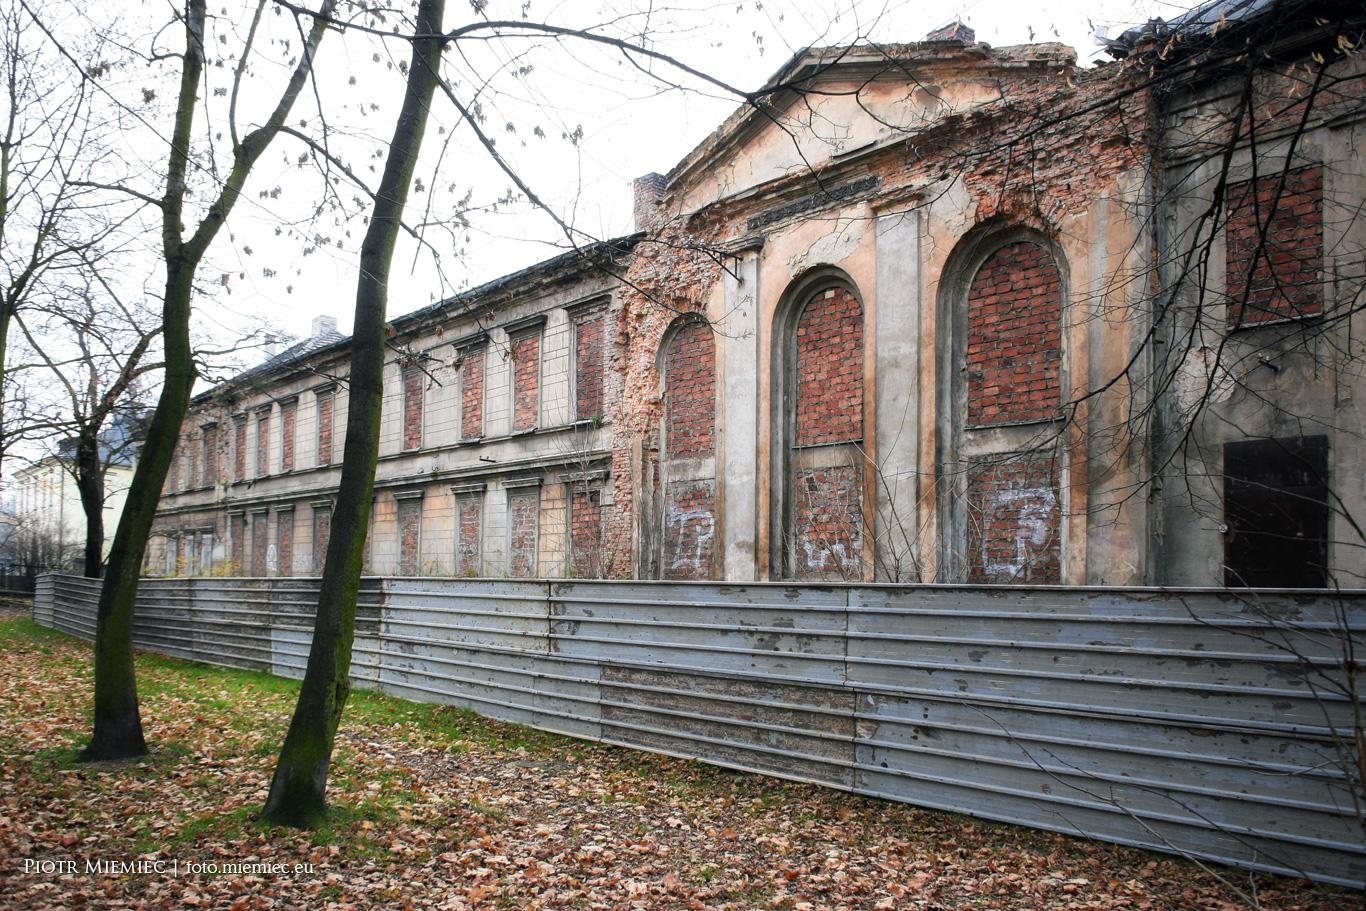 Pałac w Siemianowicach Śląskich – listopad 2013